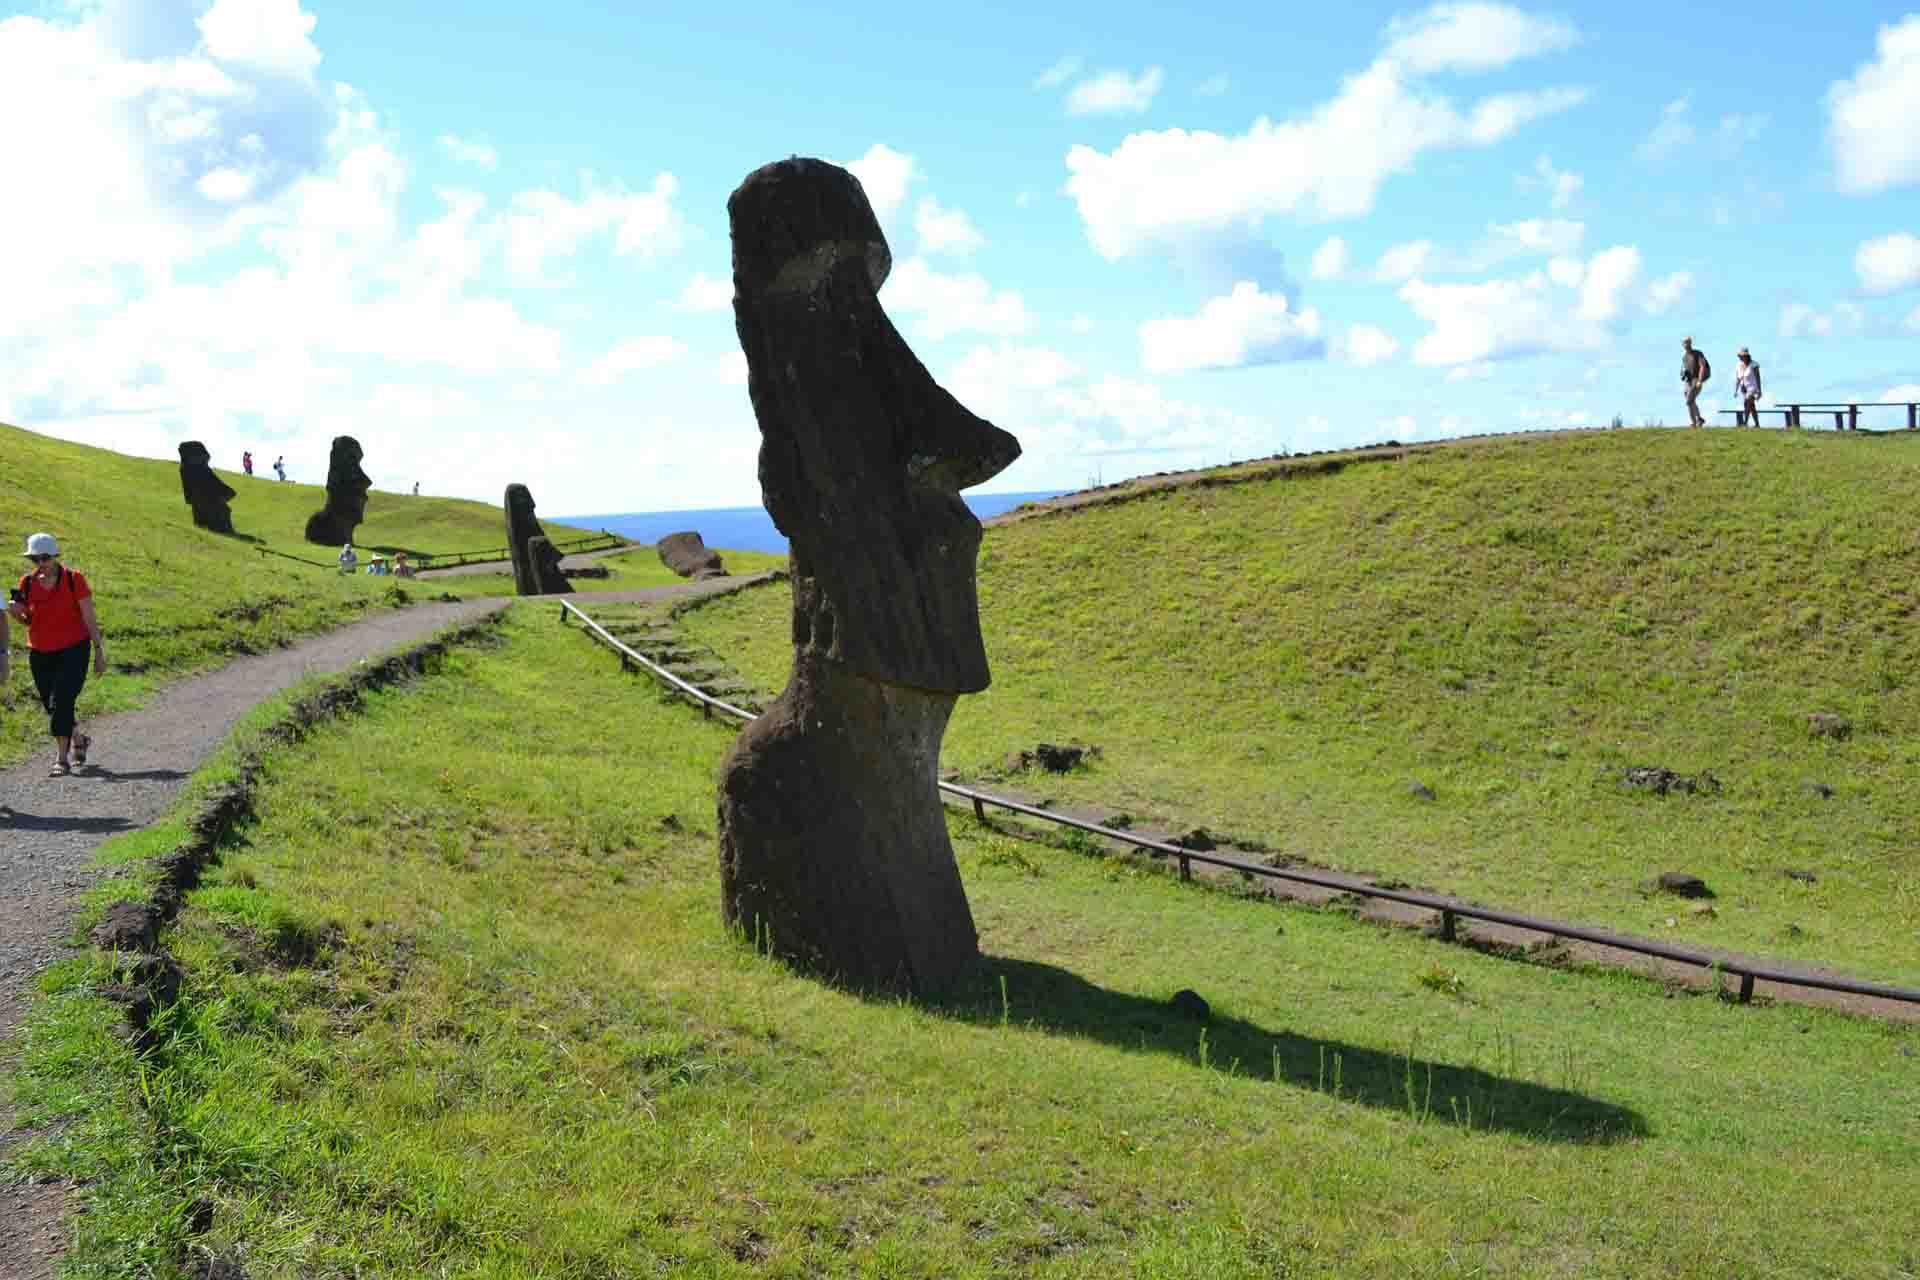 Las esculturas de los Moai son una atracción turística desde Chile